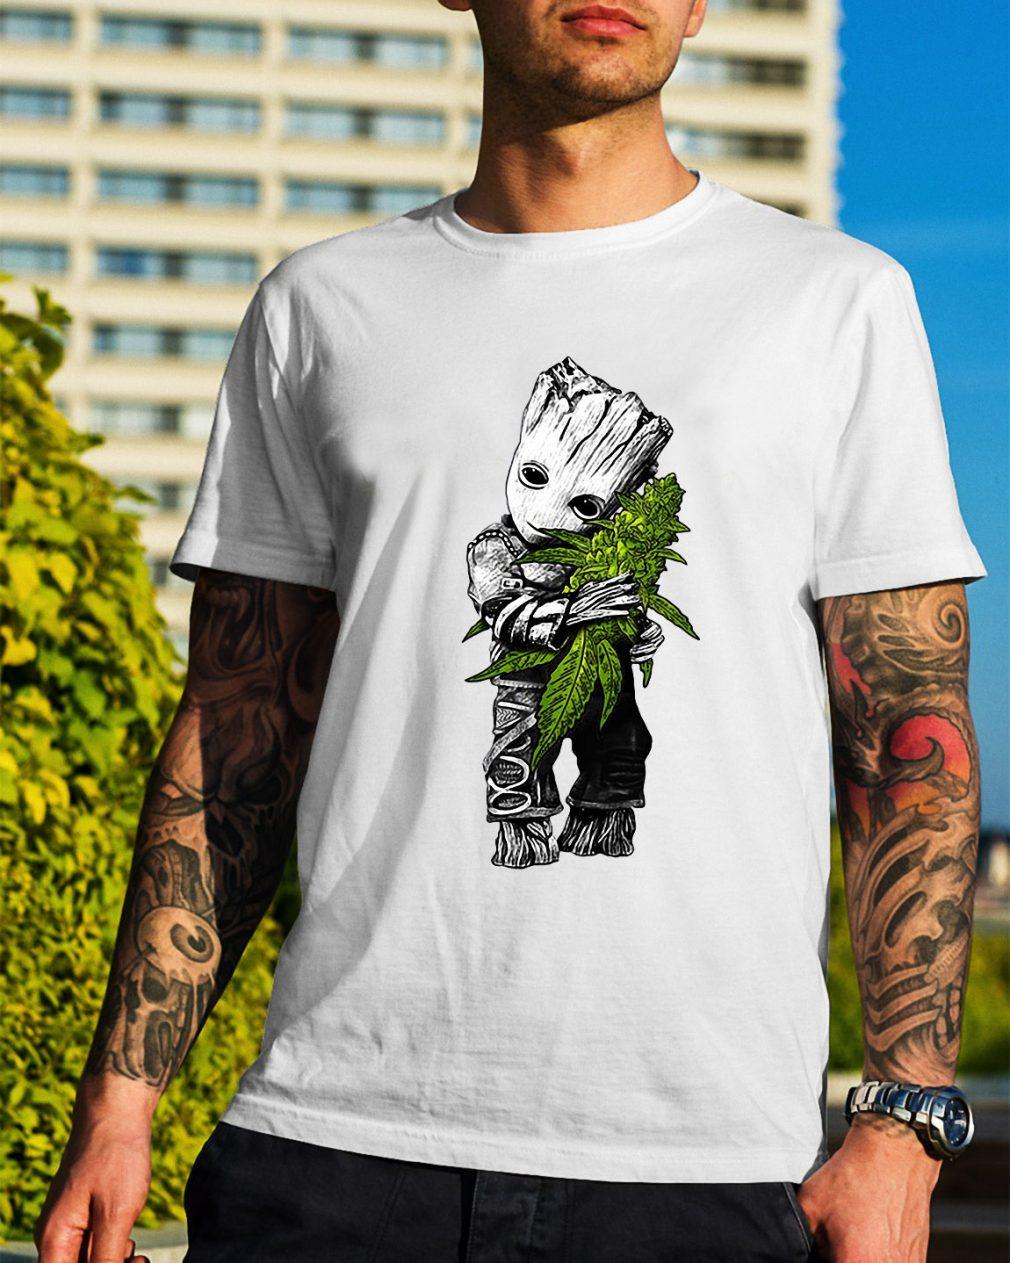 Groot hug weed shirt